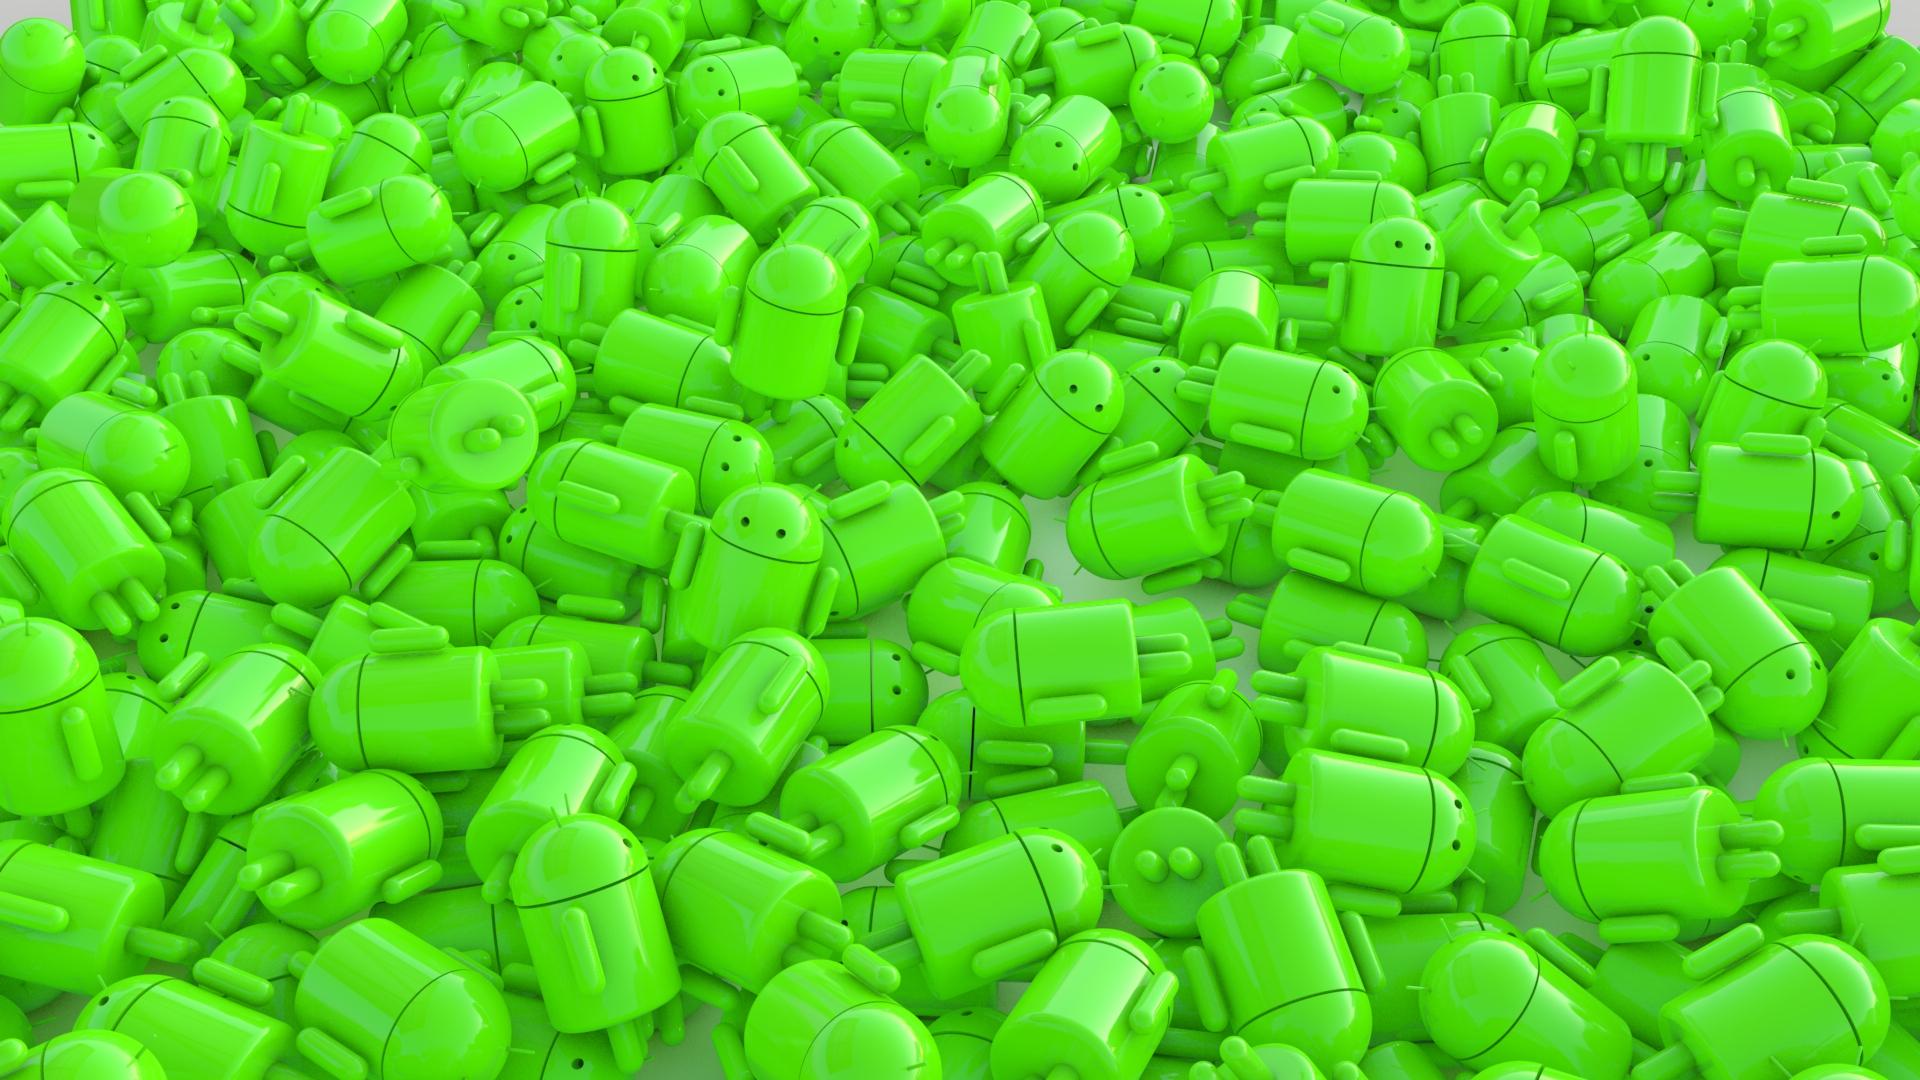 Android statistika – KitKat vládne, Froyo stagnuje